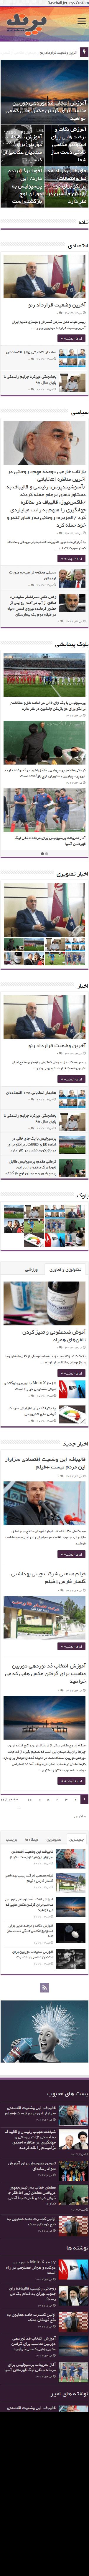 حالت موبایل سایت خبری پرند